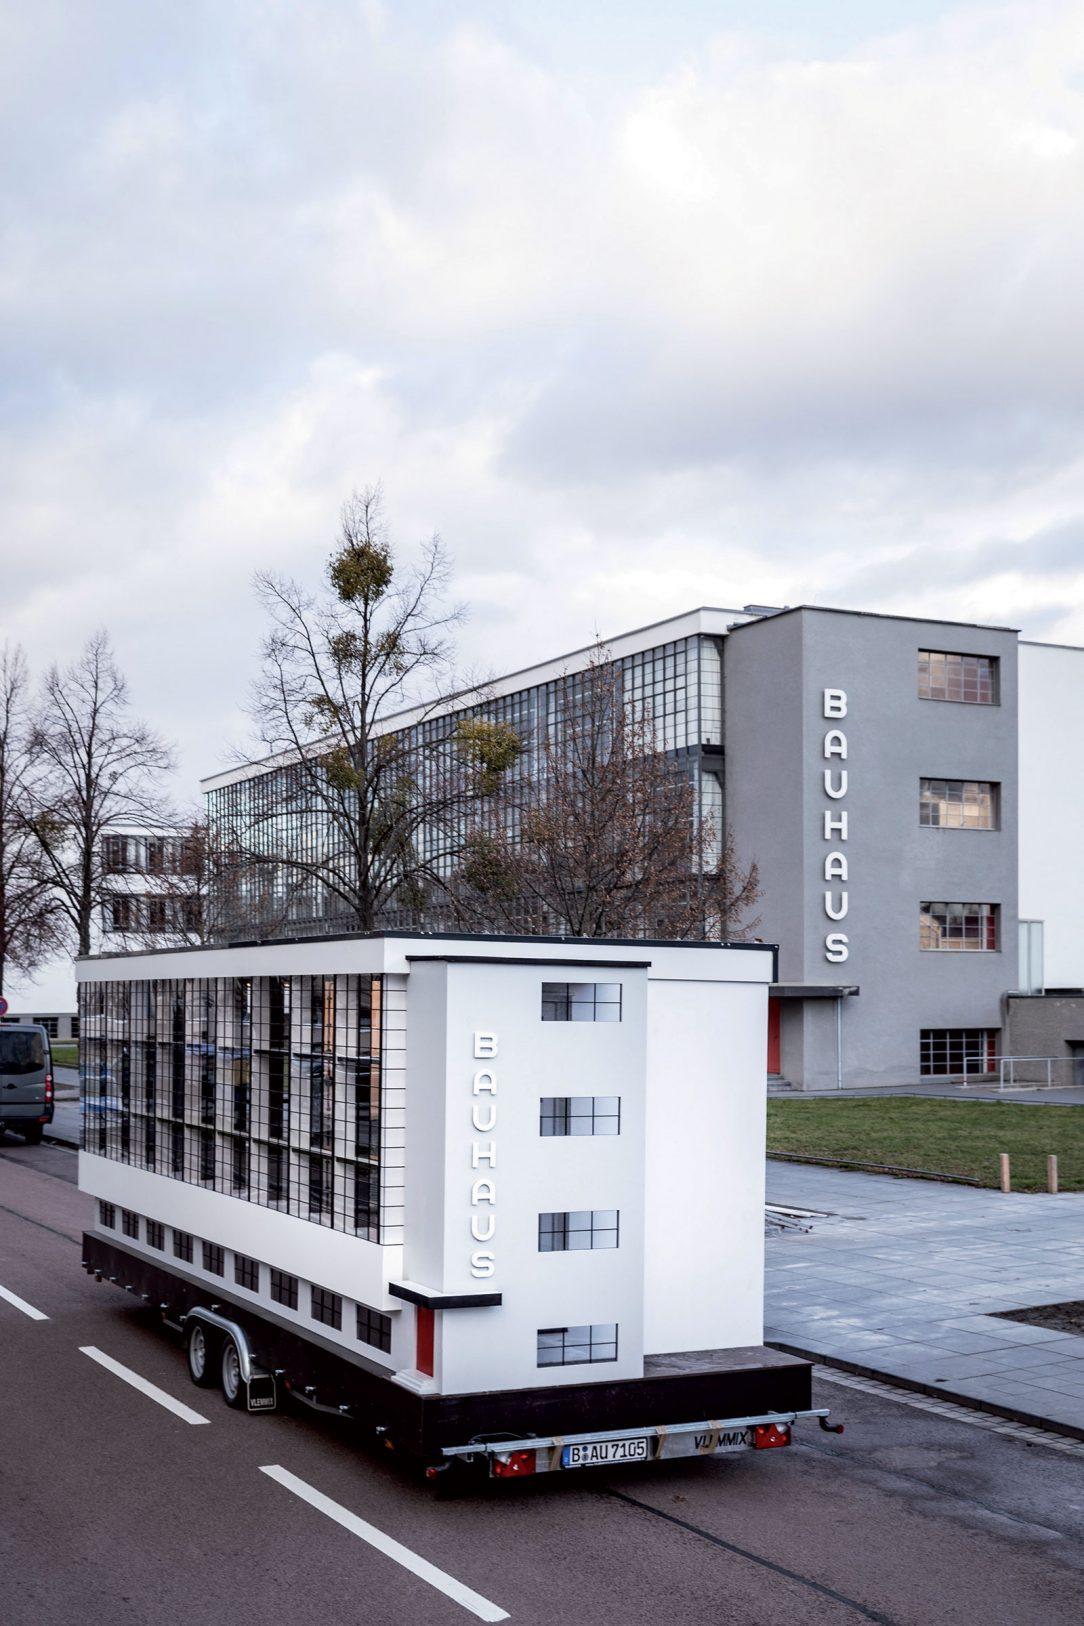 """Wohnmachine SPINNING TRIANGLES, SAVVY Contemporary Elsa Westreicher a Bonaventure Soh Bejeng Ndikung Kópia slávnej budovy Bauhausu v Dessau slúži ako mobilná platforma na diskusie o neľahkých témach. """"Teoreticky aj prakticky skúmame to, akú úlohu dokáže zohrať dizajn v sociálnom aj politickom dianí,"""" vysvetľujú autori."""